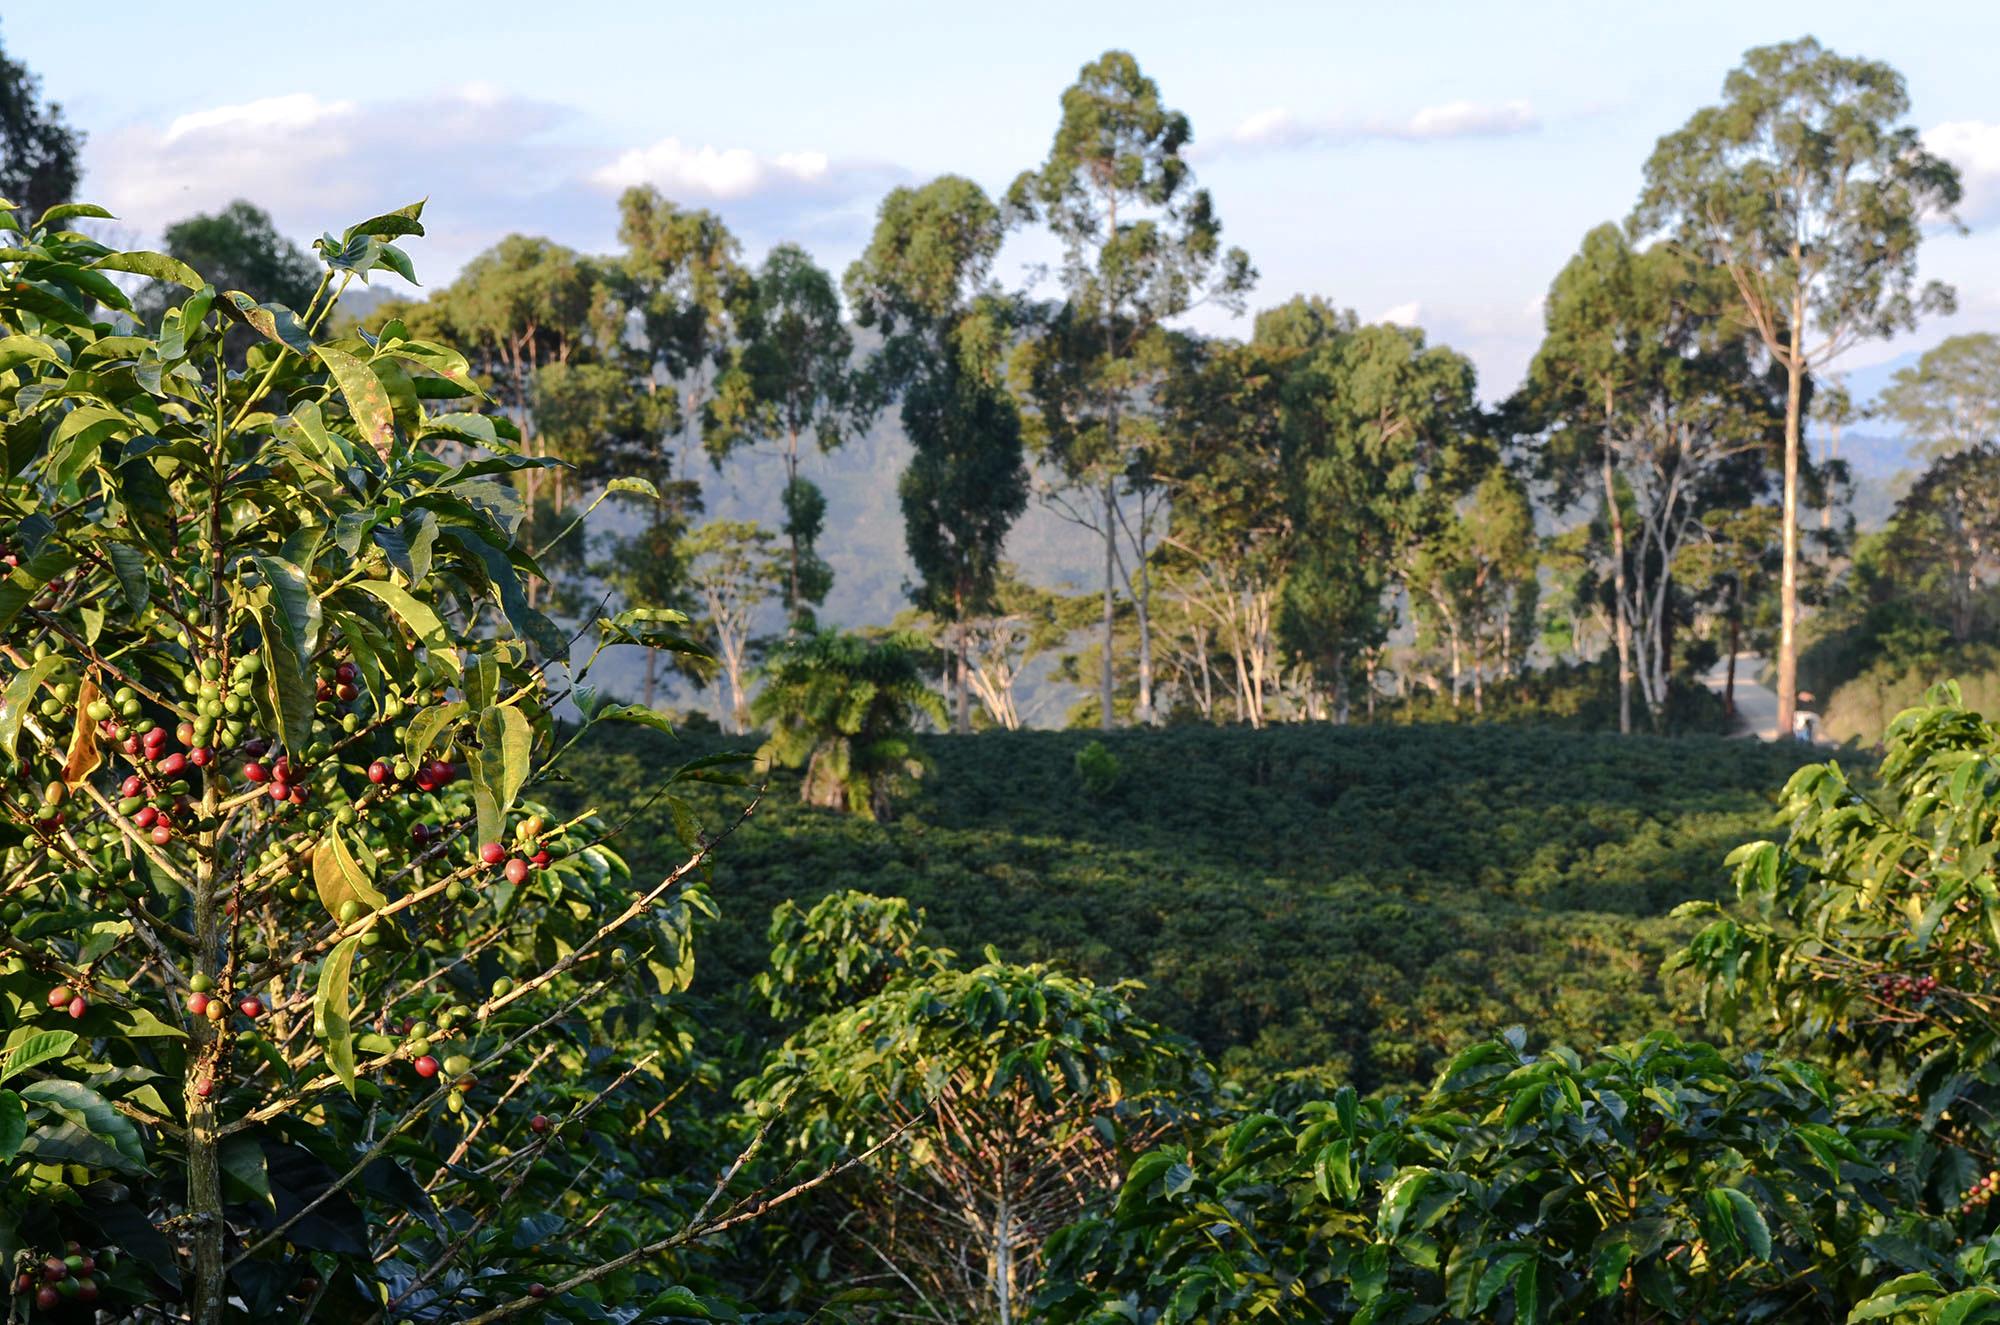 Coffee Bean Harvesting Field